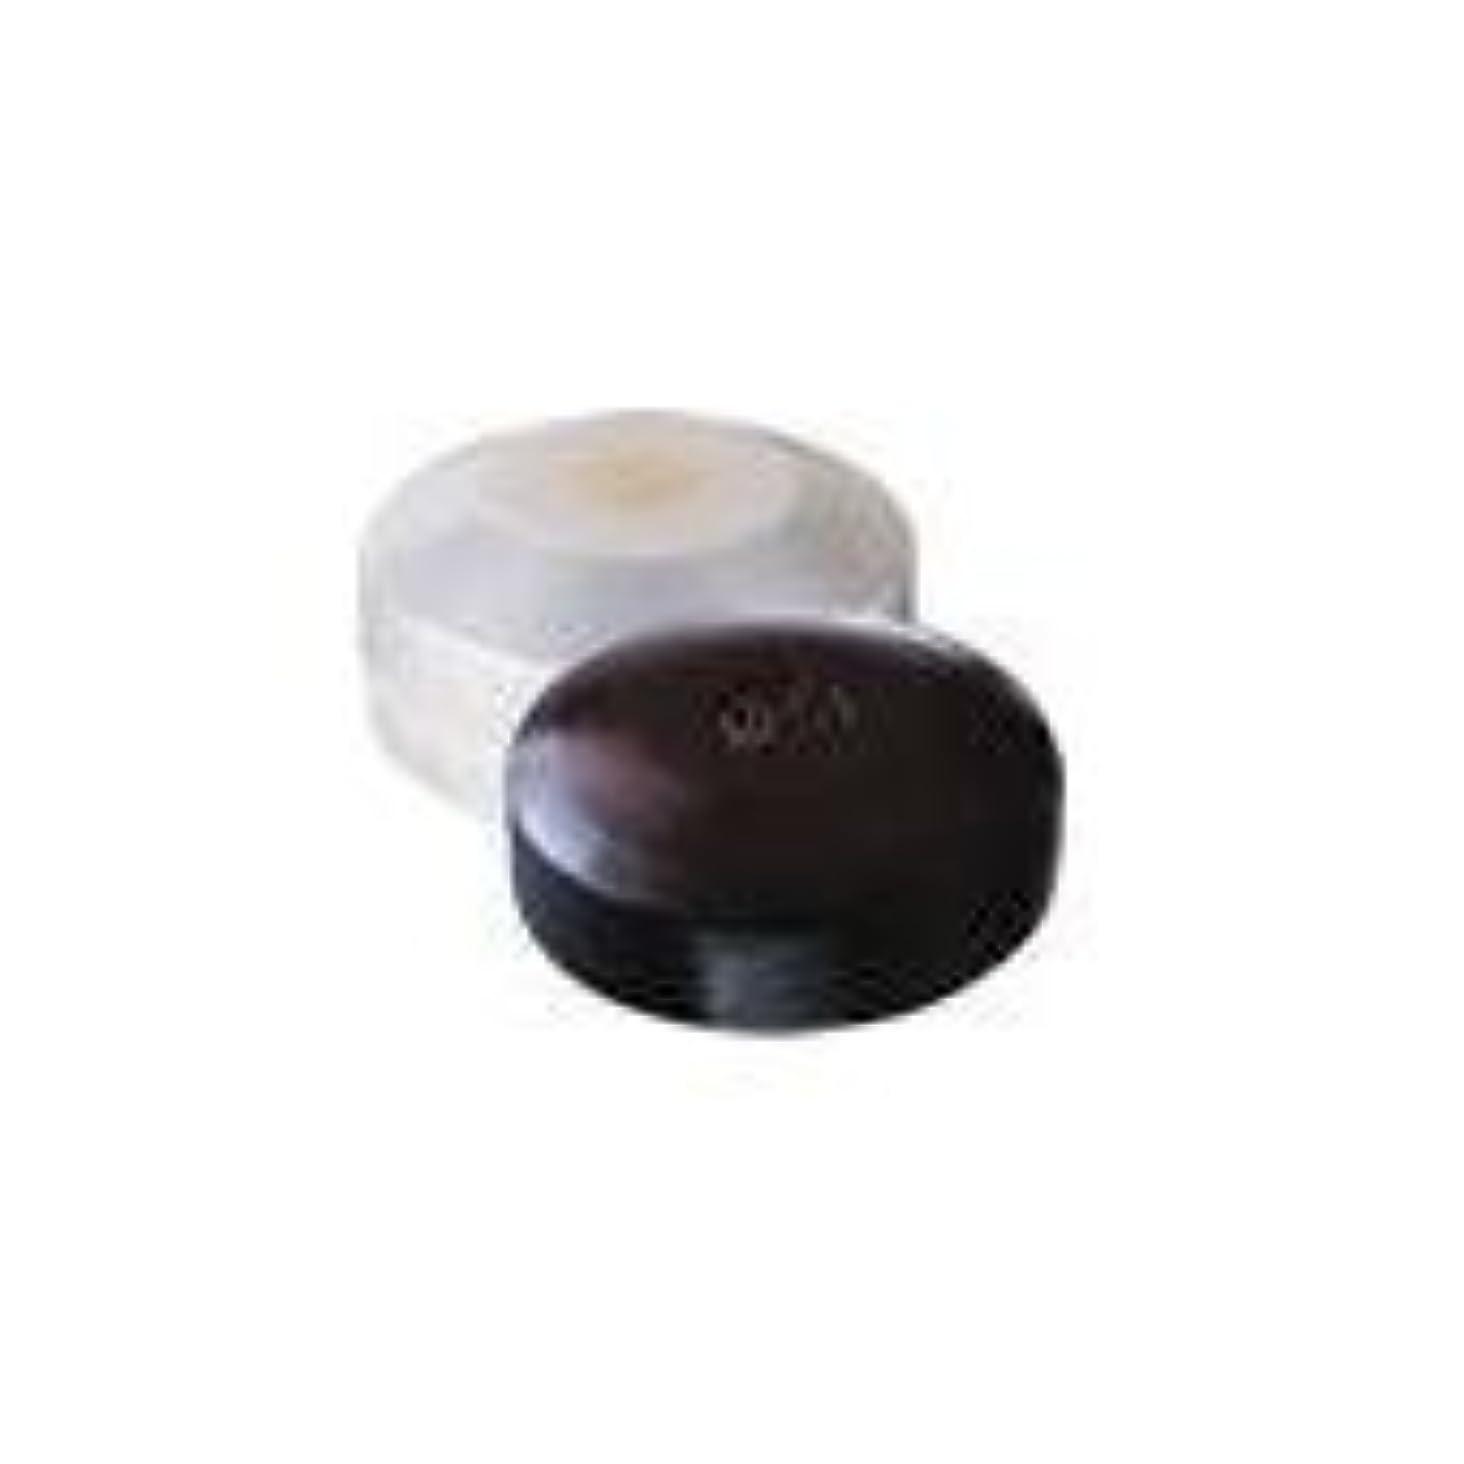 インポート豊富な和らげるマミヤン アロエ エクセルソープ 120g(ケース付き)<石鹸>